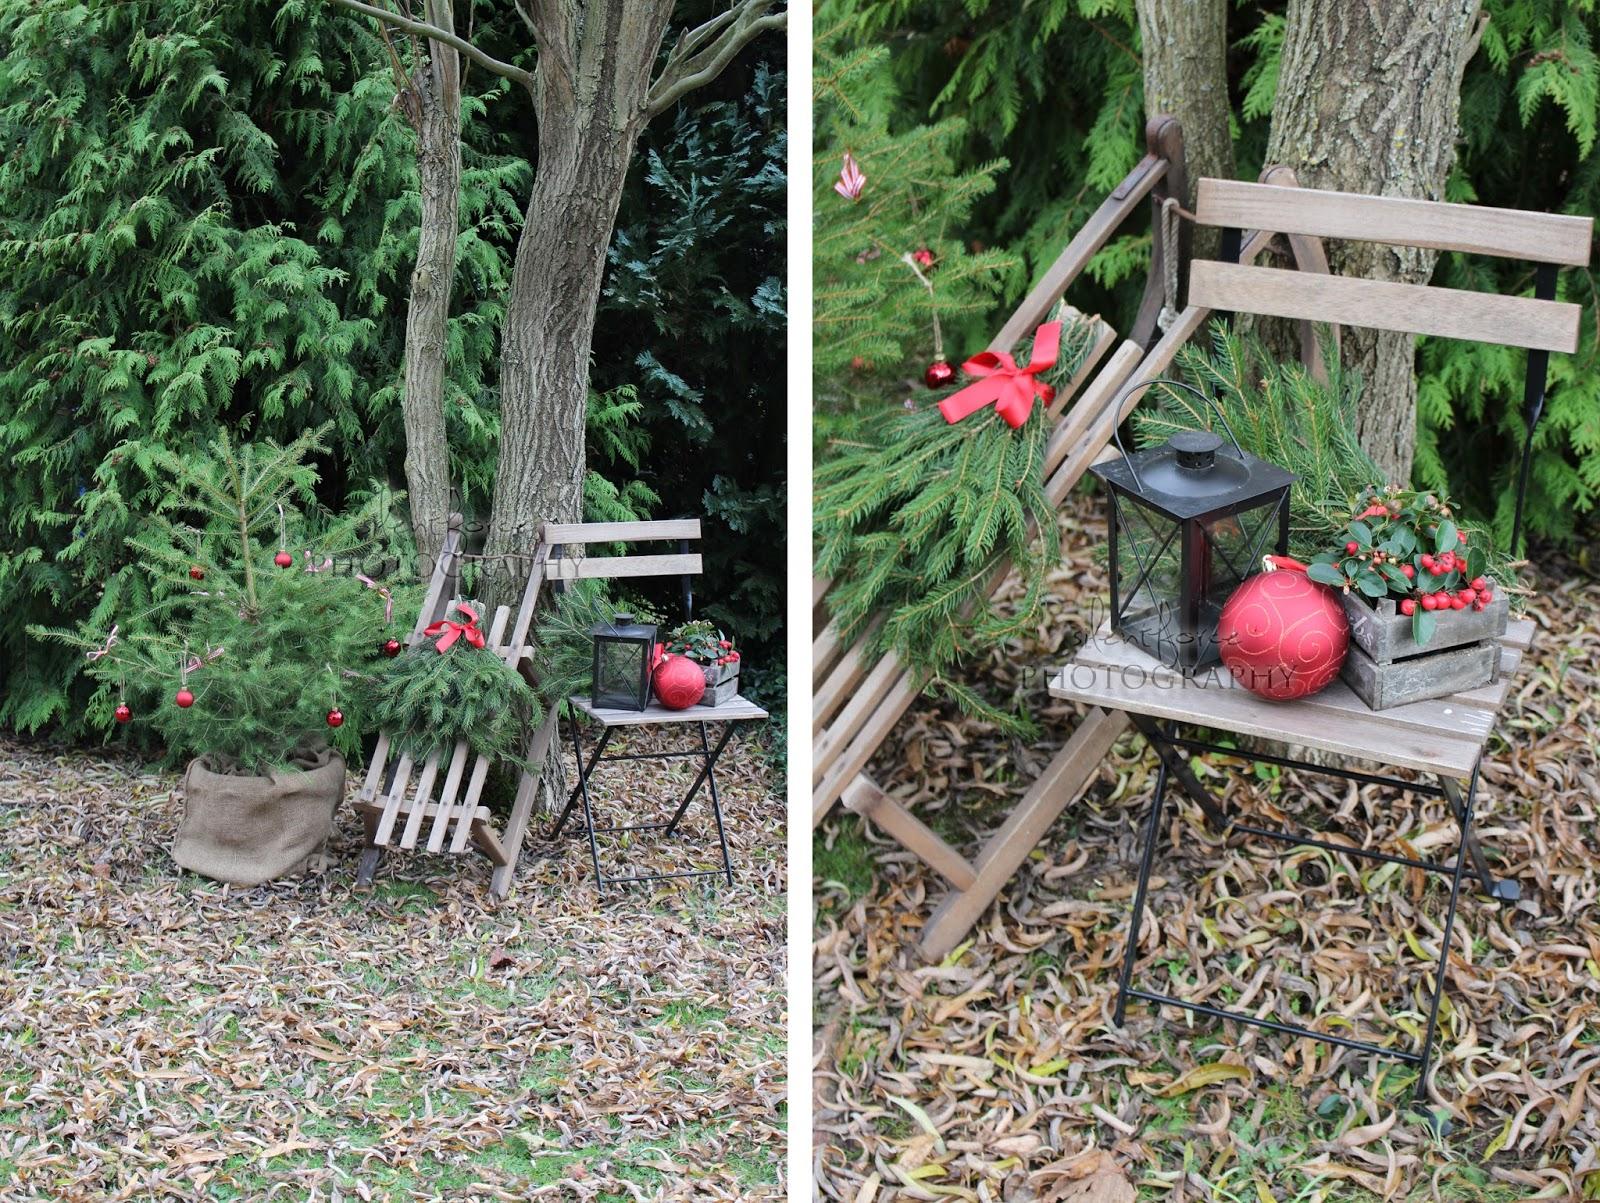 Lieblings Weihnachtlicher Garten / silentforce garden @LD_64